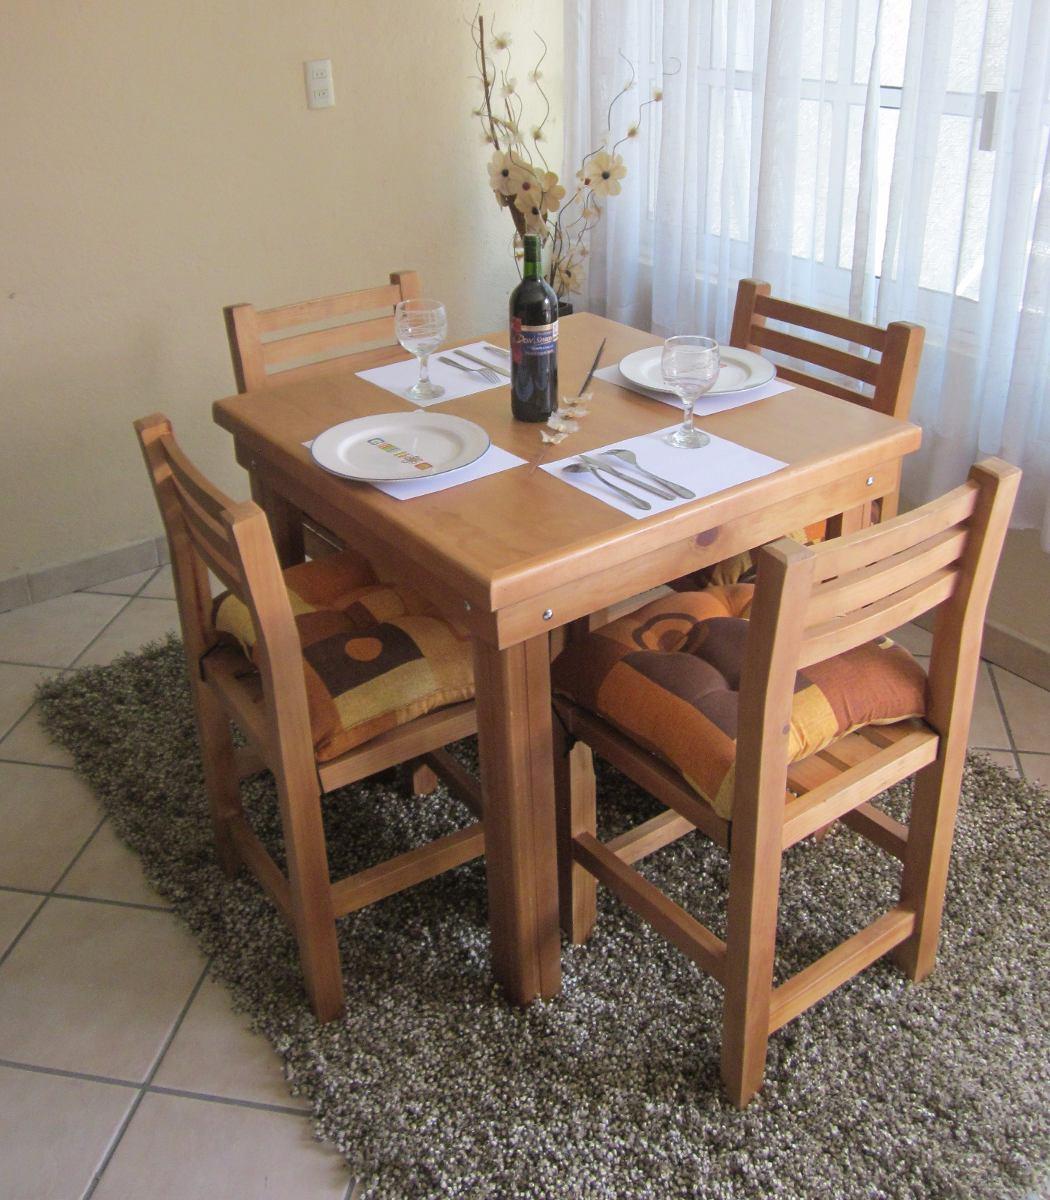 Comedor 4 Personas Avellana De Vanely Muebles - $ 3,790.00 en ...